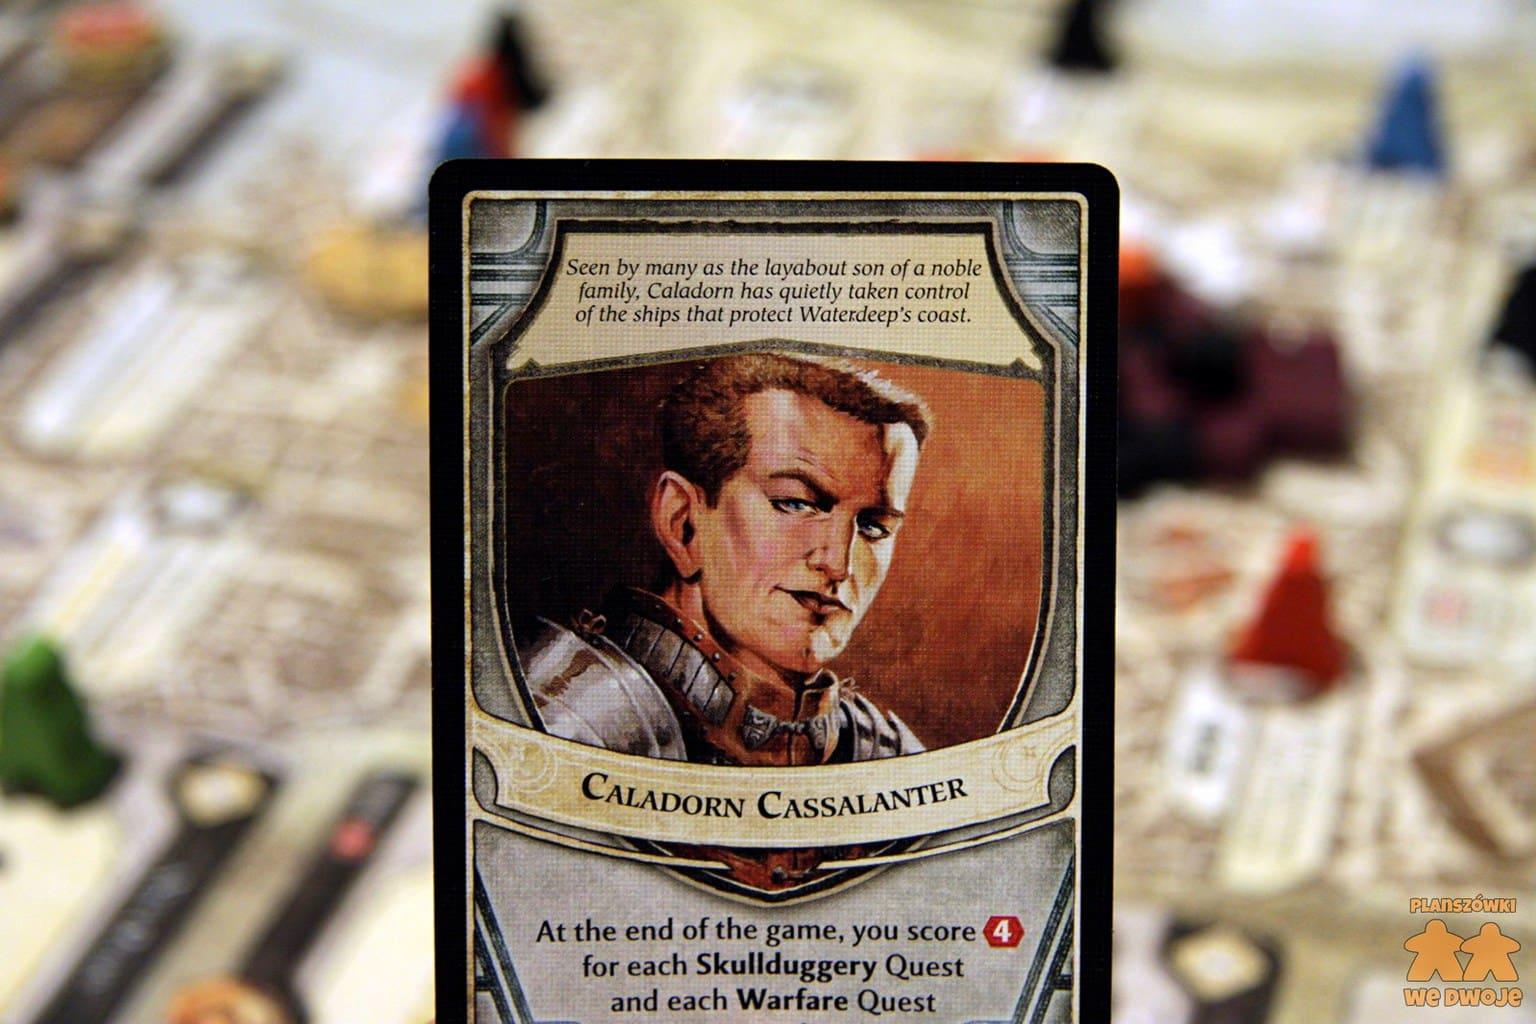 Karta jednego z lordów, Caladorna Cassalantera z opisem jego zdolności i ilustracją.